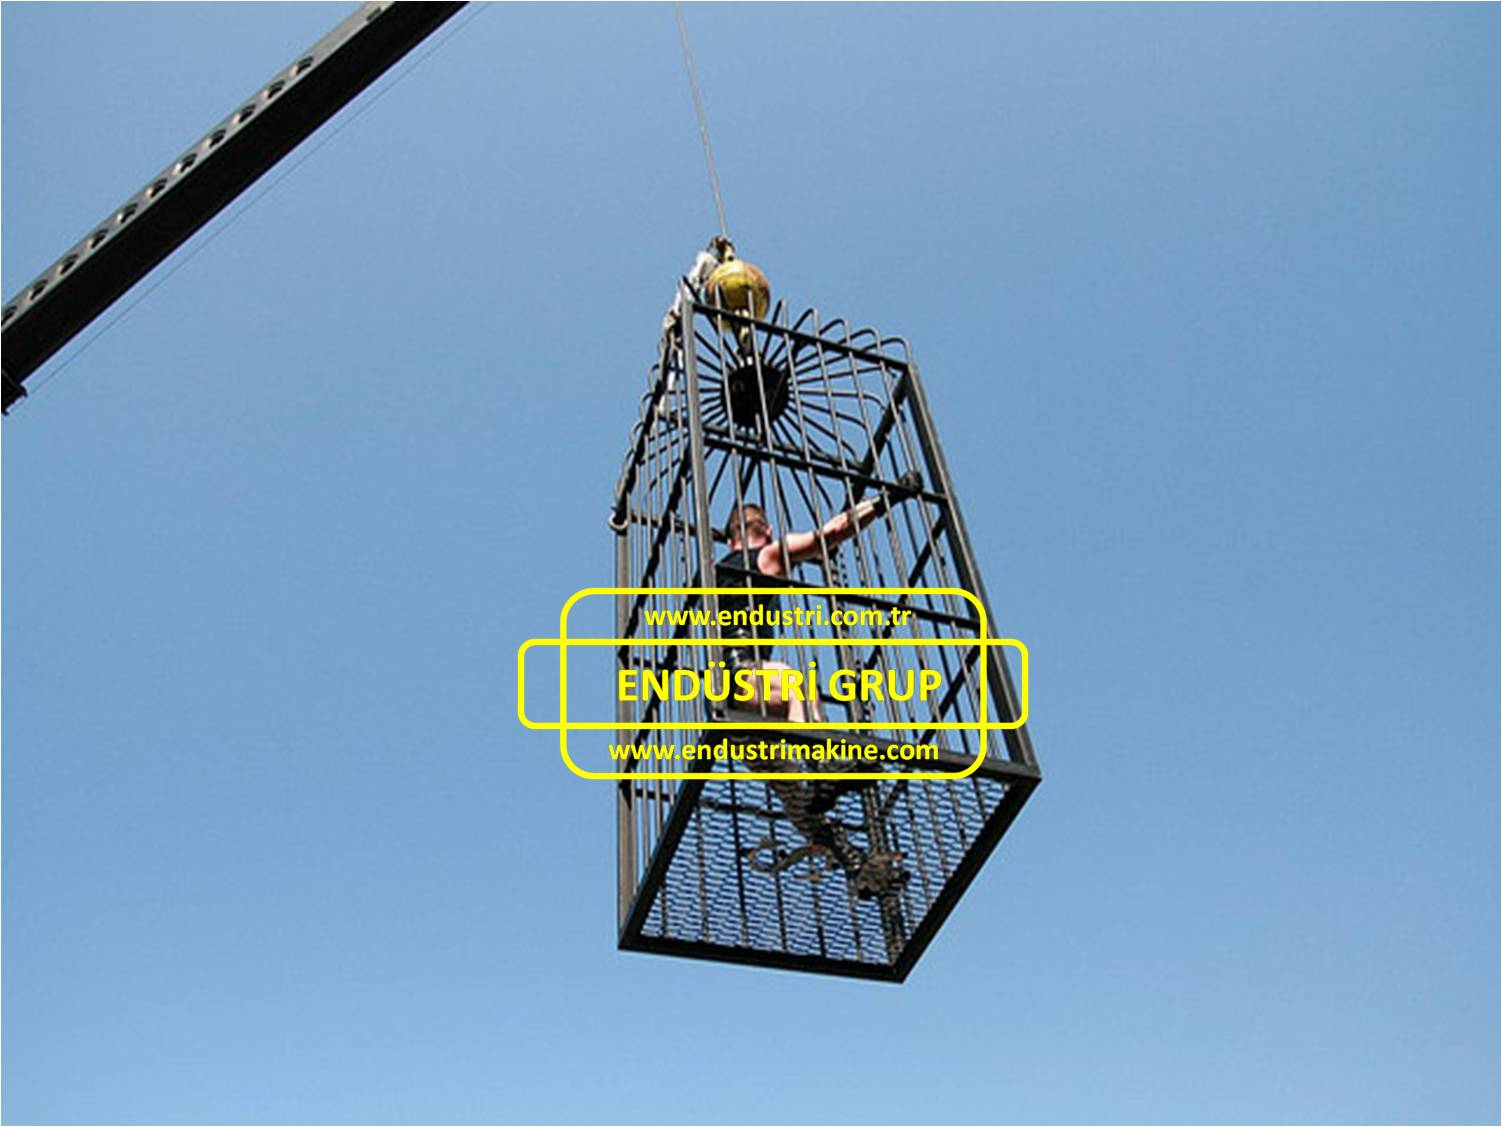 kule-vinc-personel-adam-kaldirma-tasima-sepeti-yukseltme-tasima-platformu